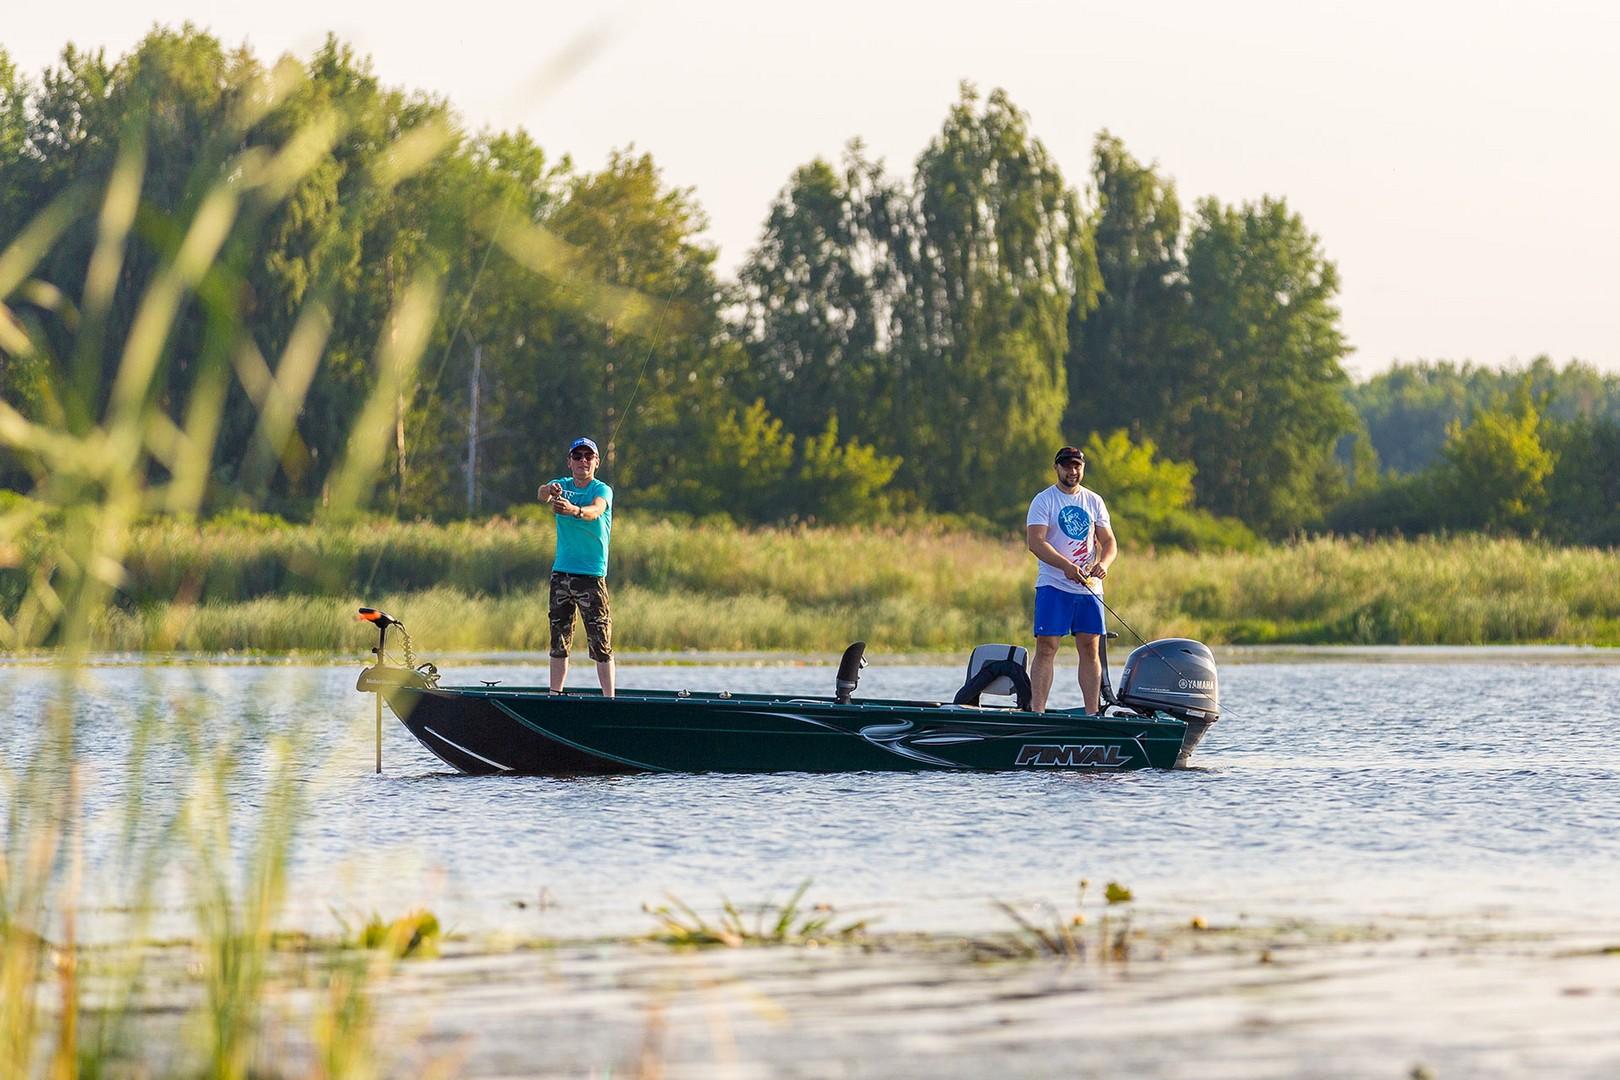 YamaBoats-Finval-510Rangy-Najezioro-Narzeke-021-2